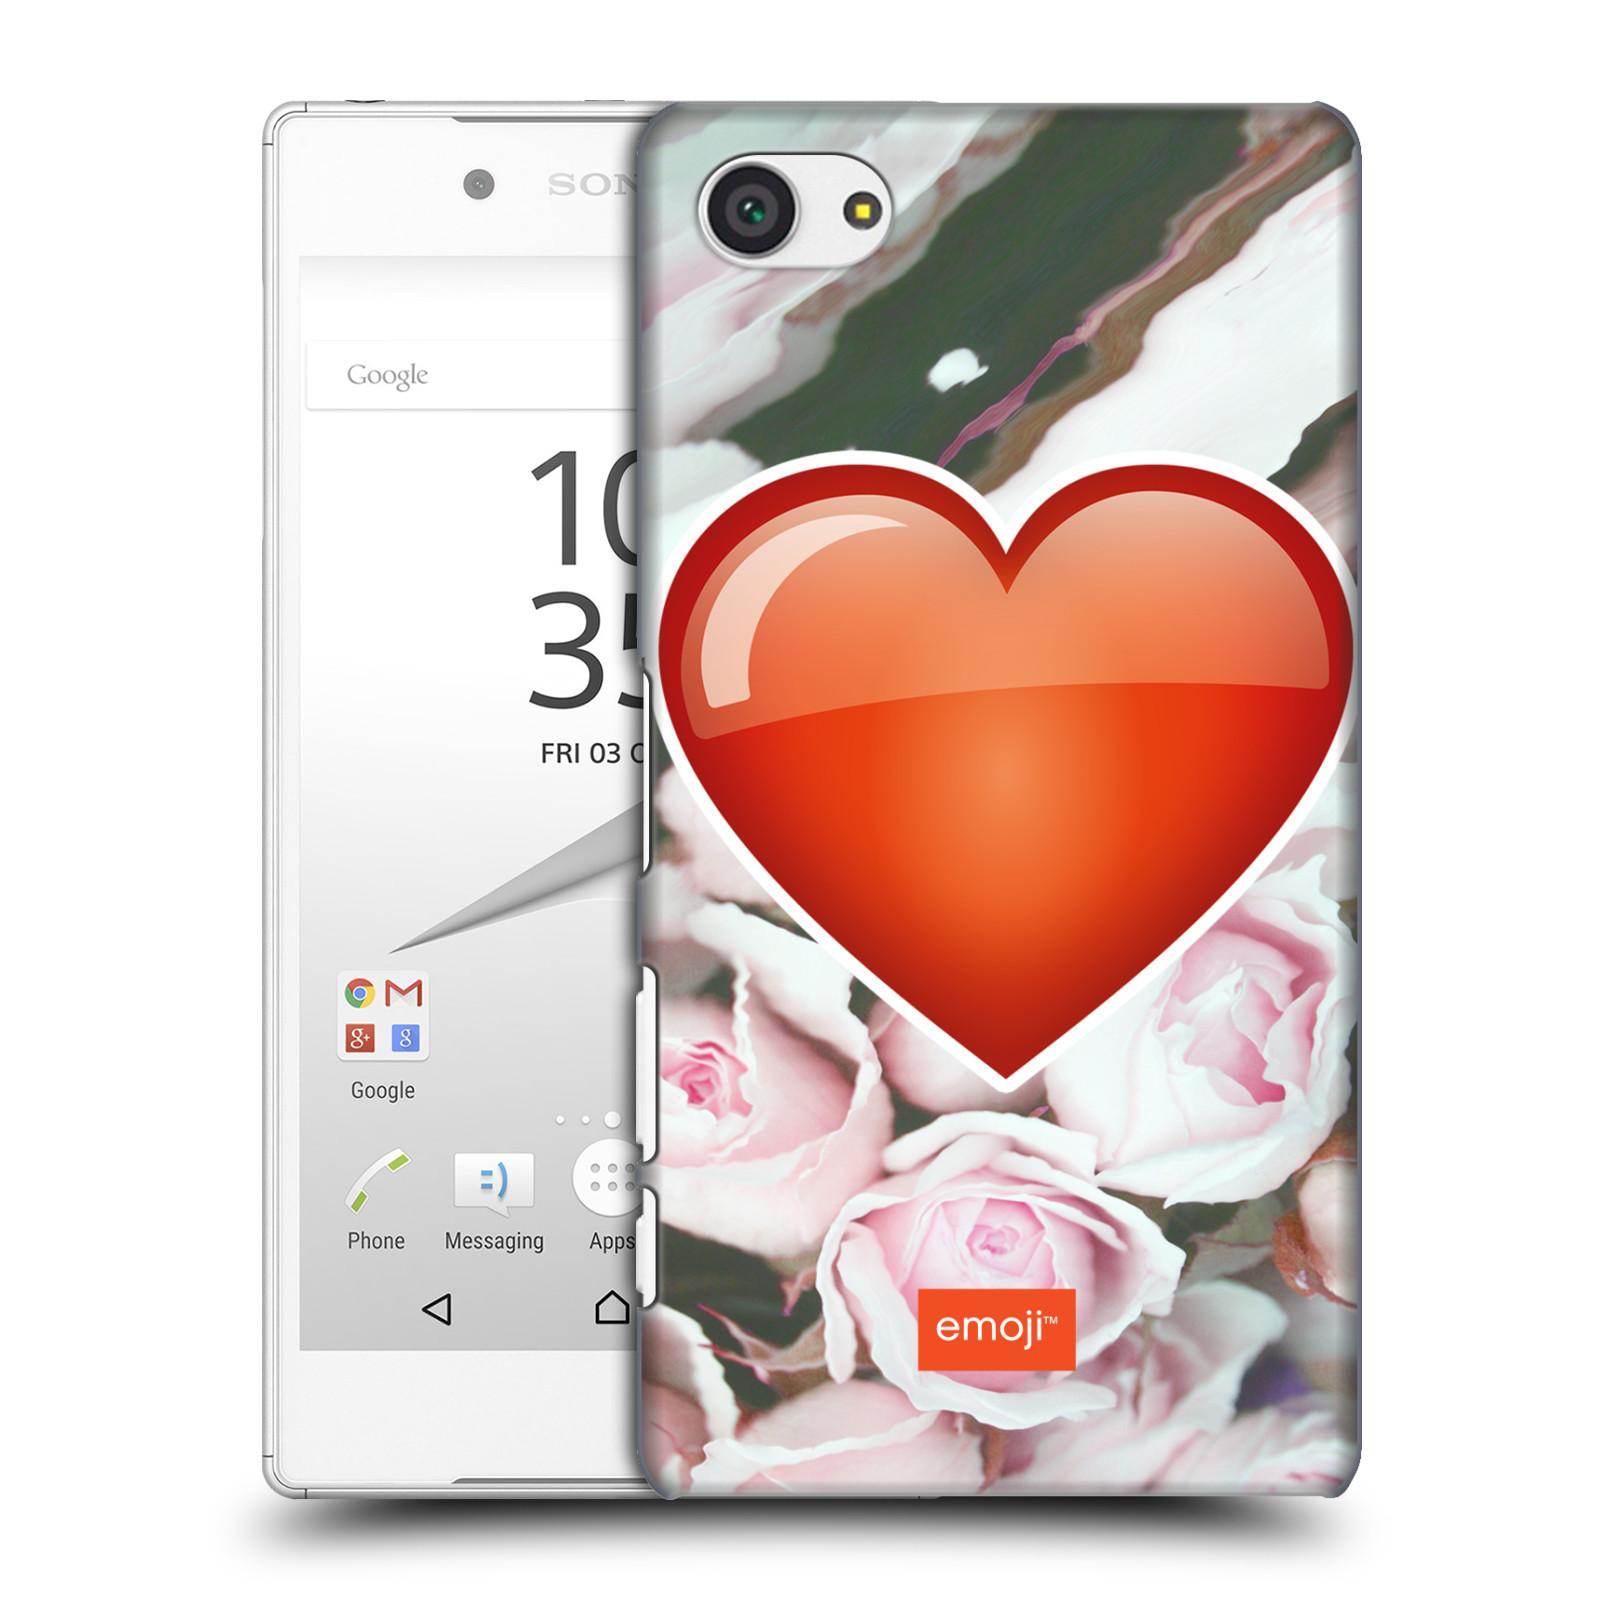 Pouzdro na mobil Sony Xperia Z5 COMPACT - HEAD CASE - Emoji srdíčko